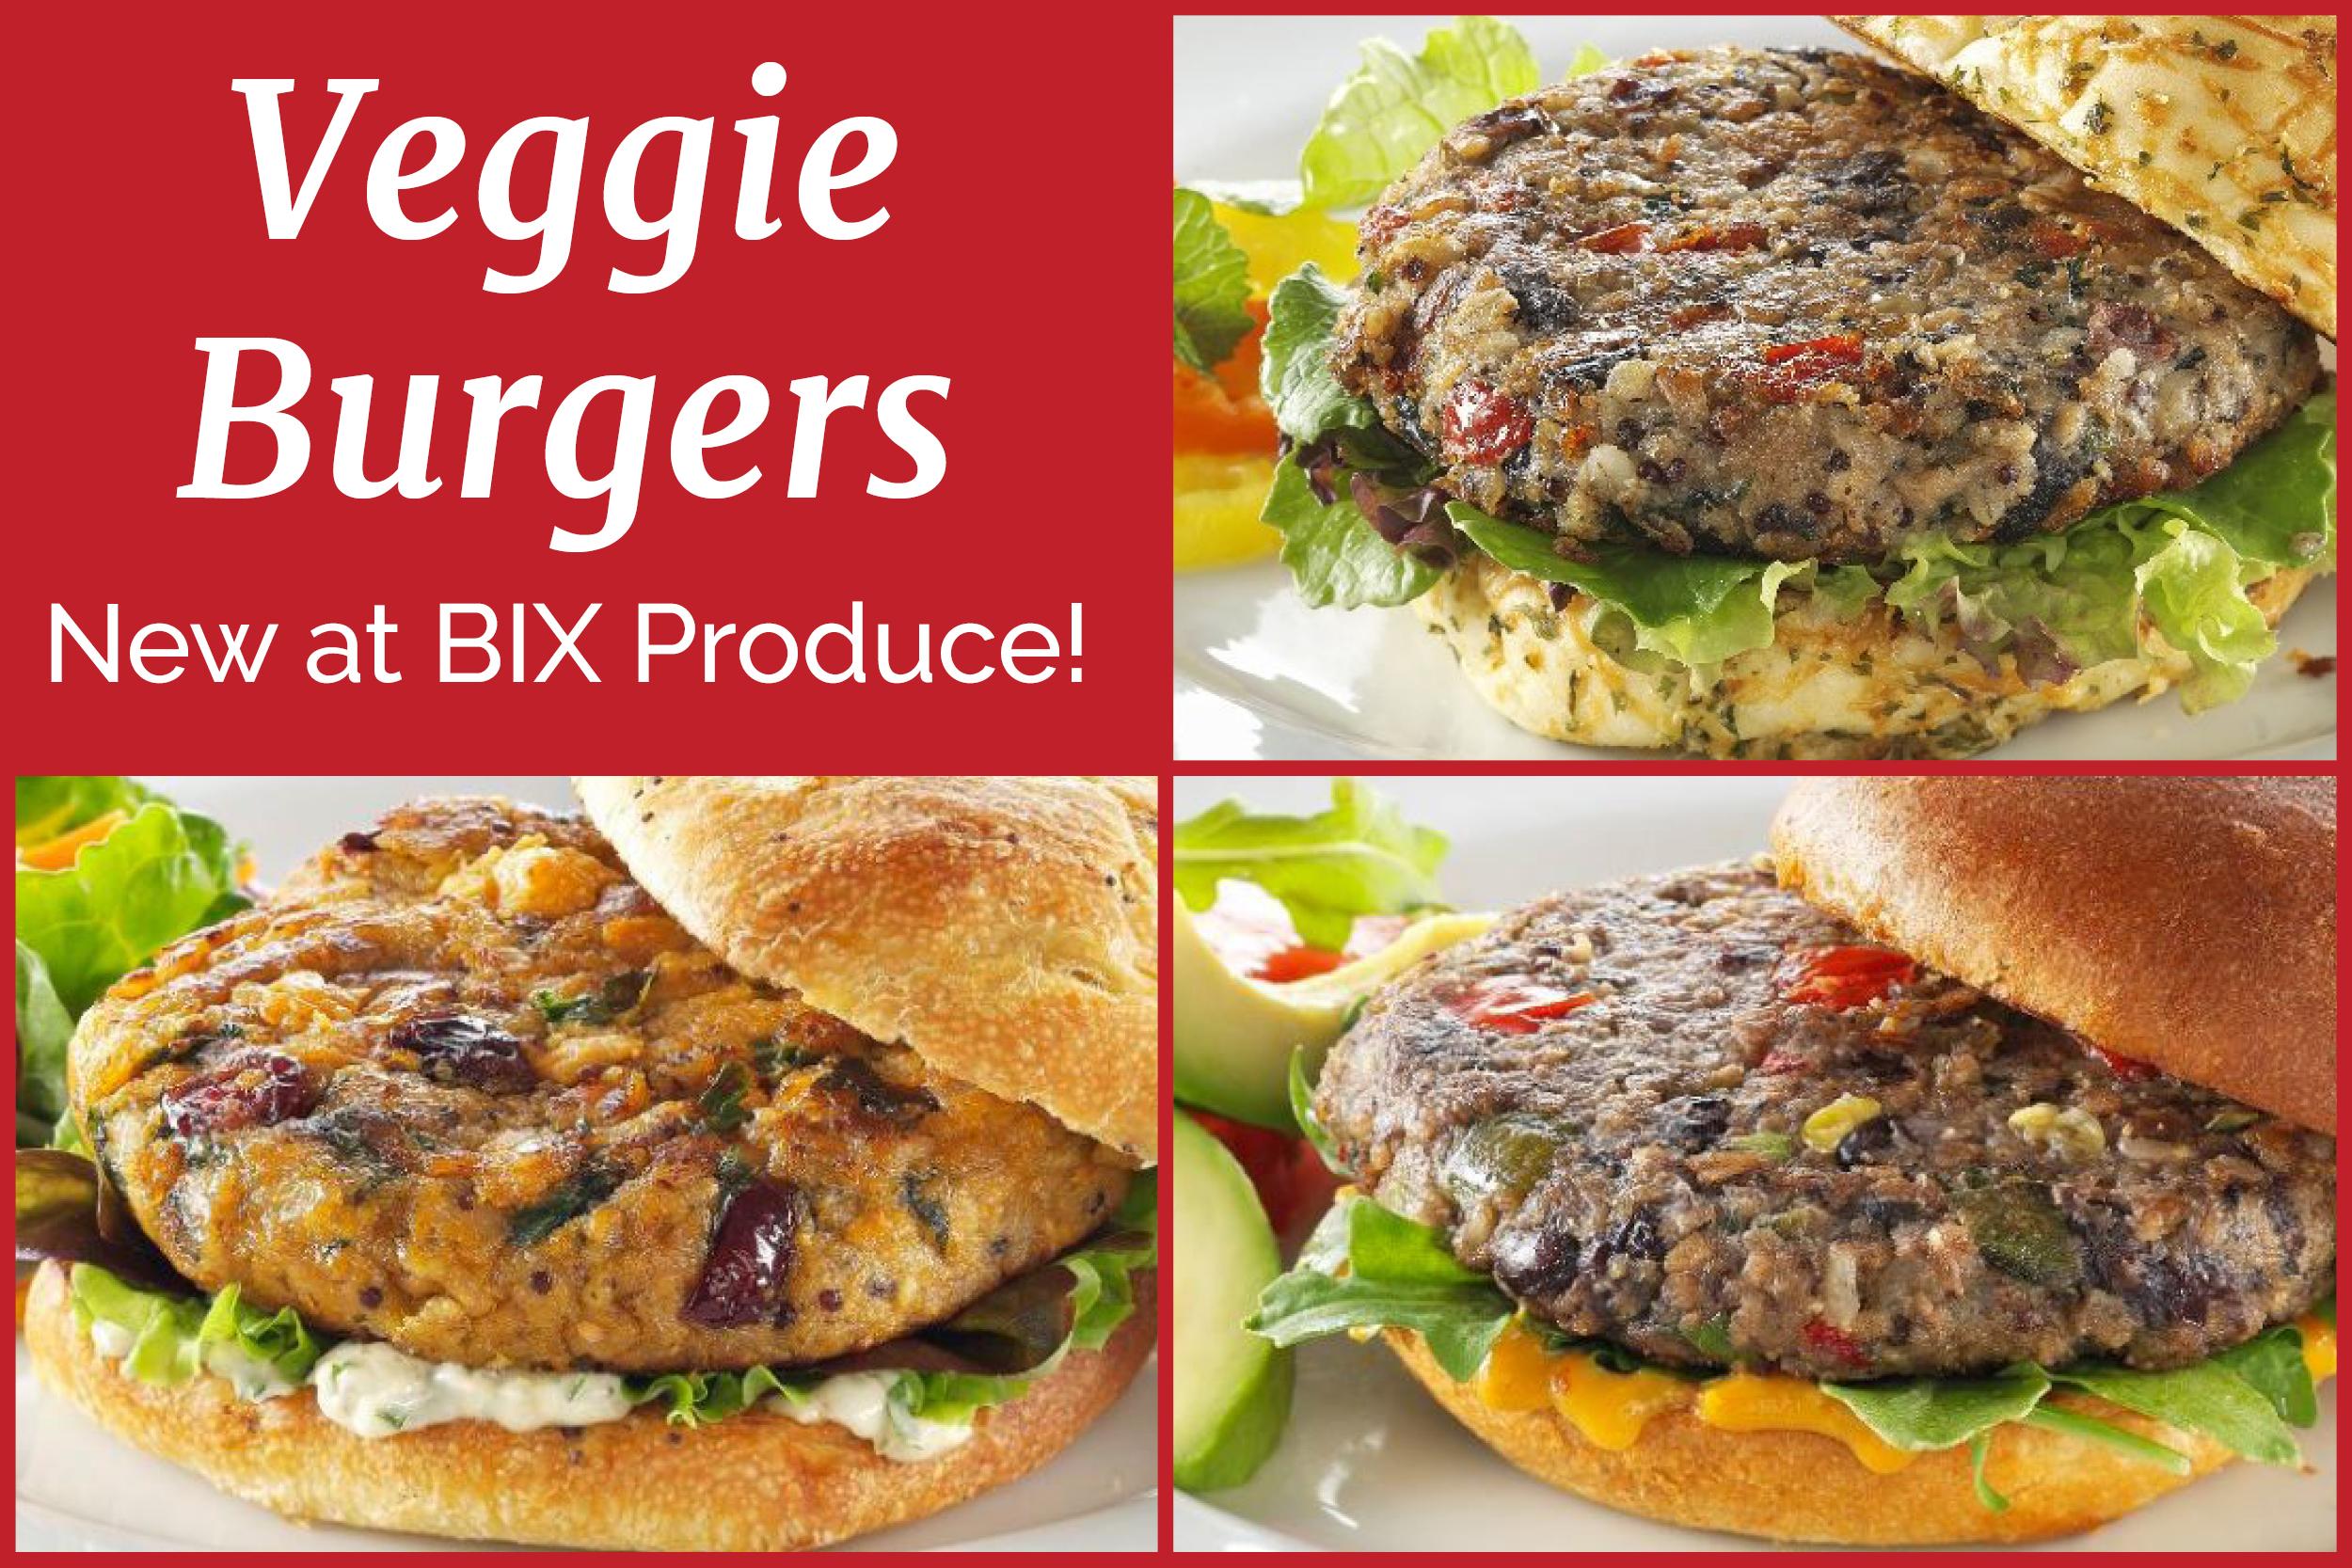 Whole Foods Veggie Burger Ingredients